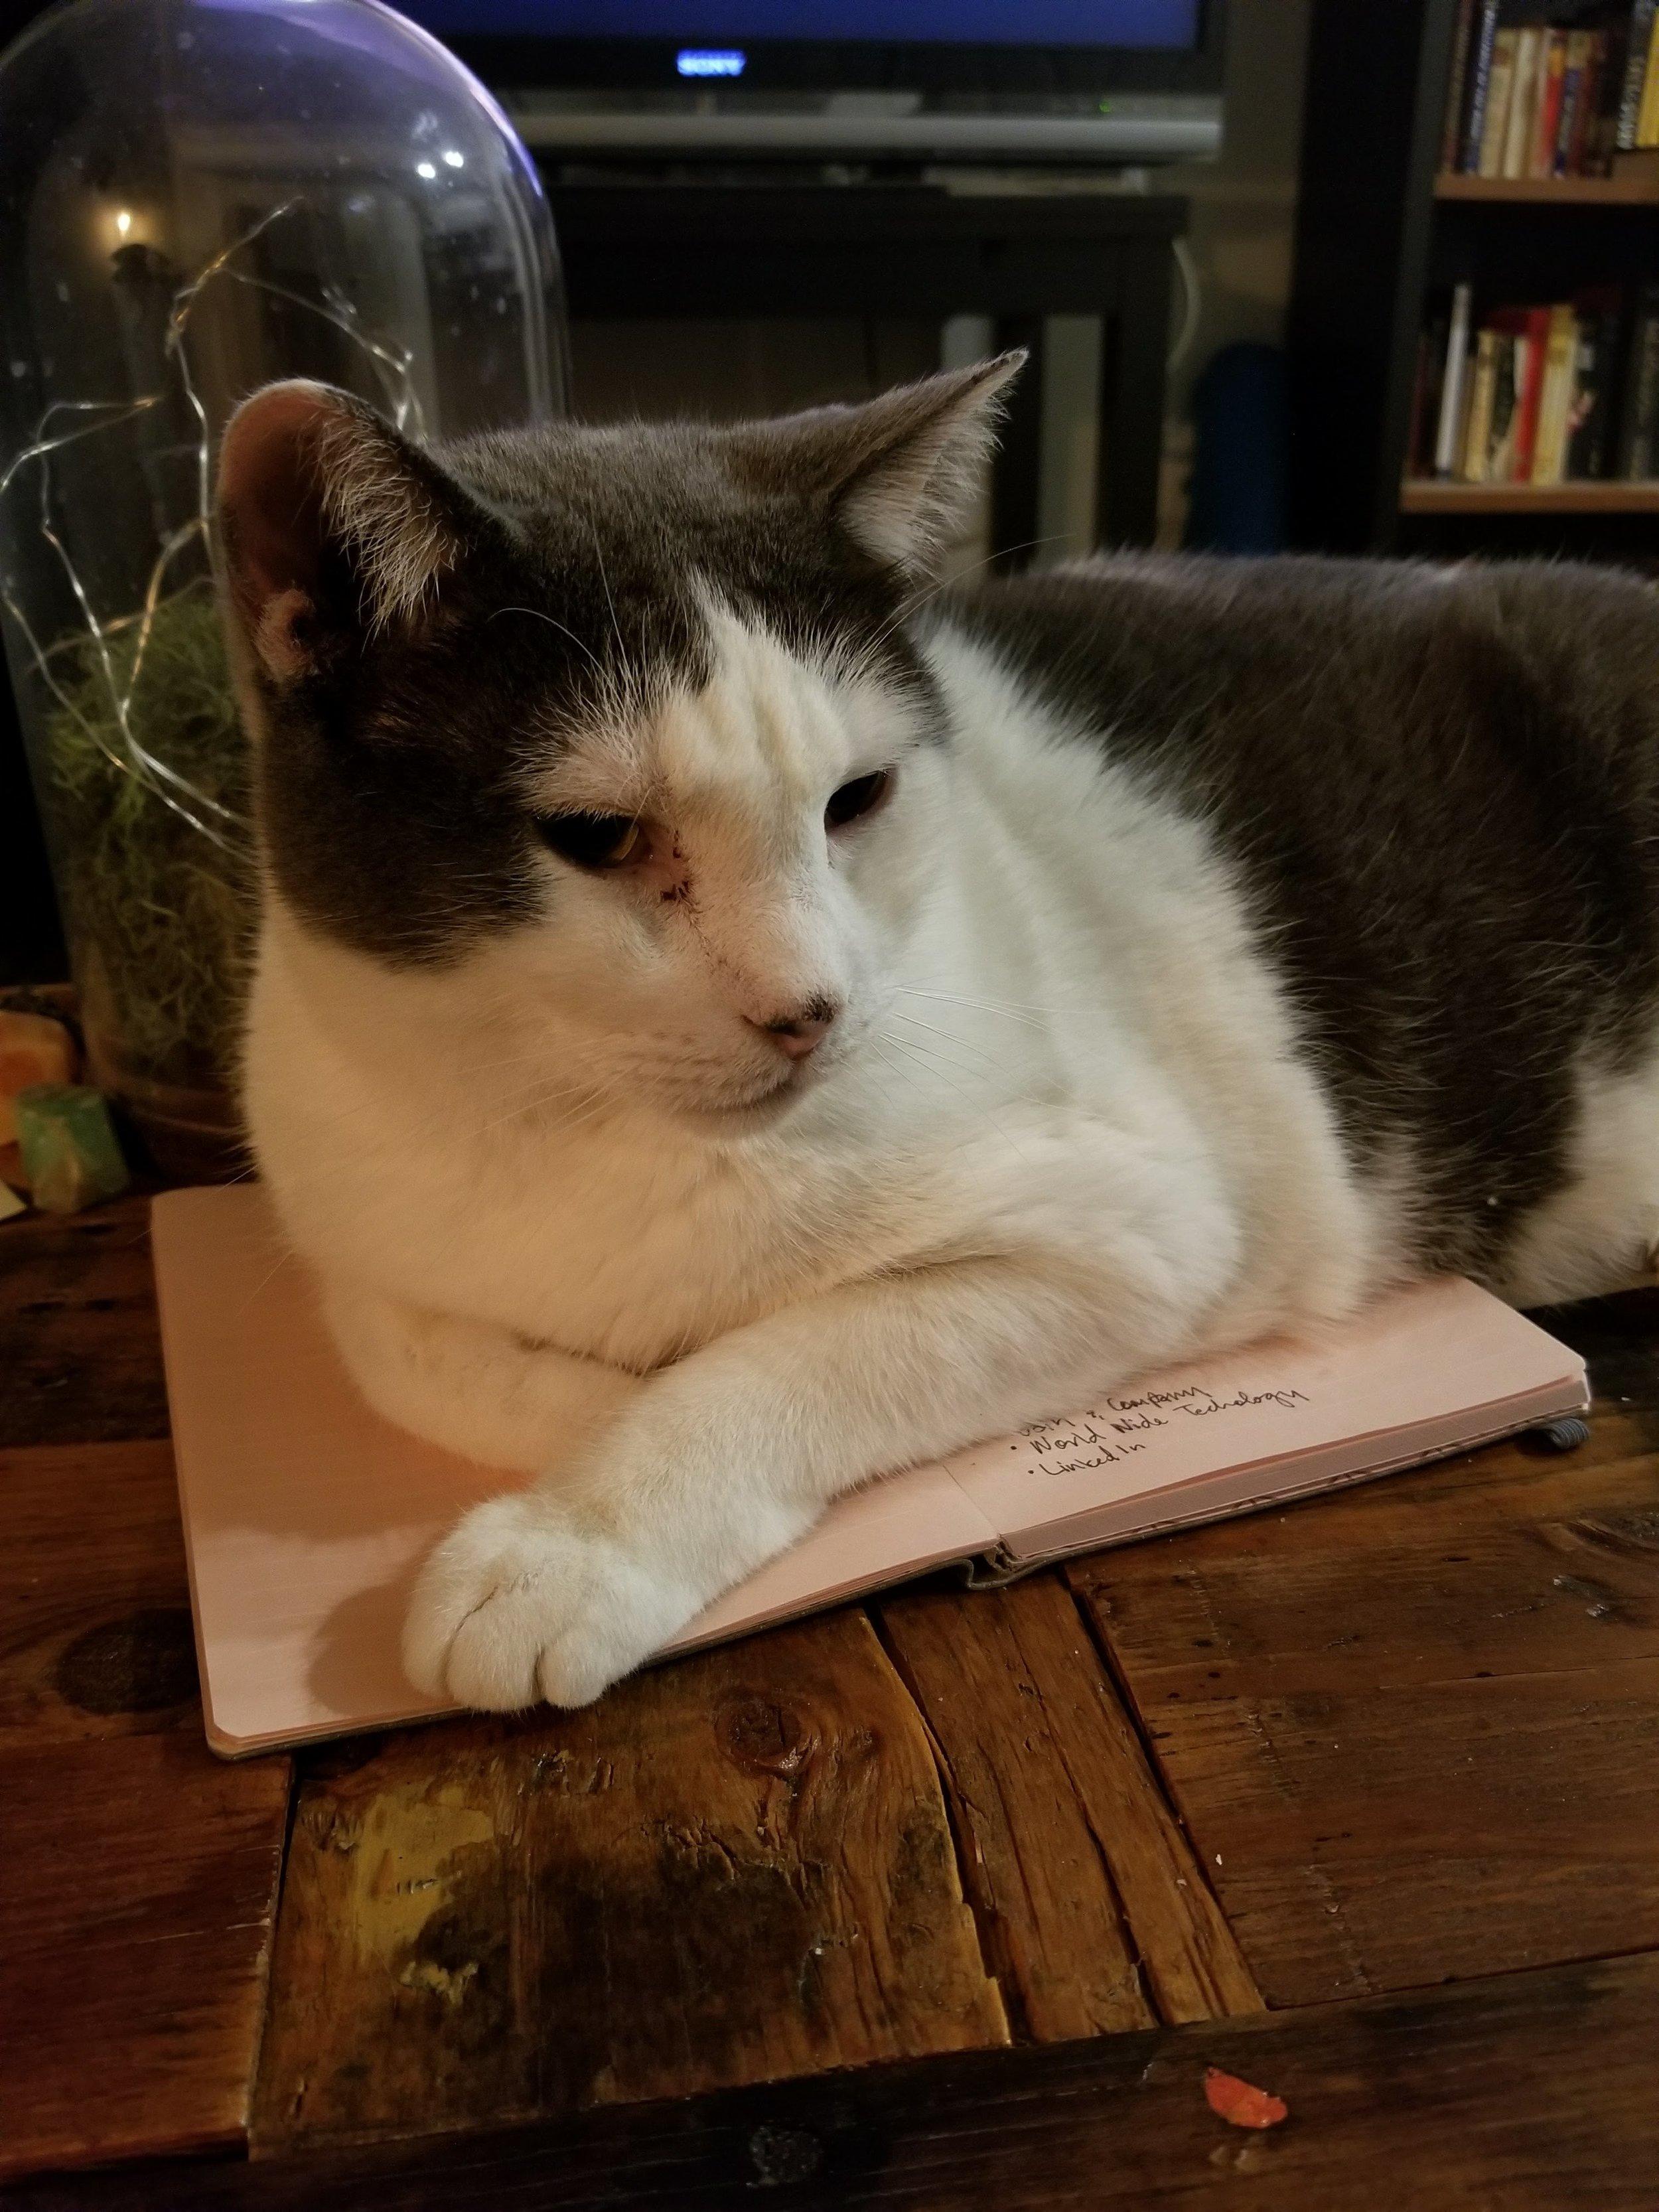 rubius-rascal-cat-leelo-muffinbutt-4.jpg